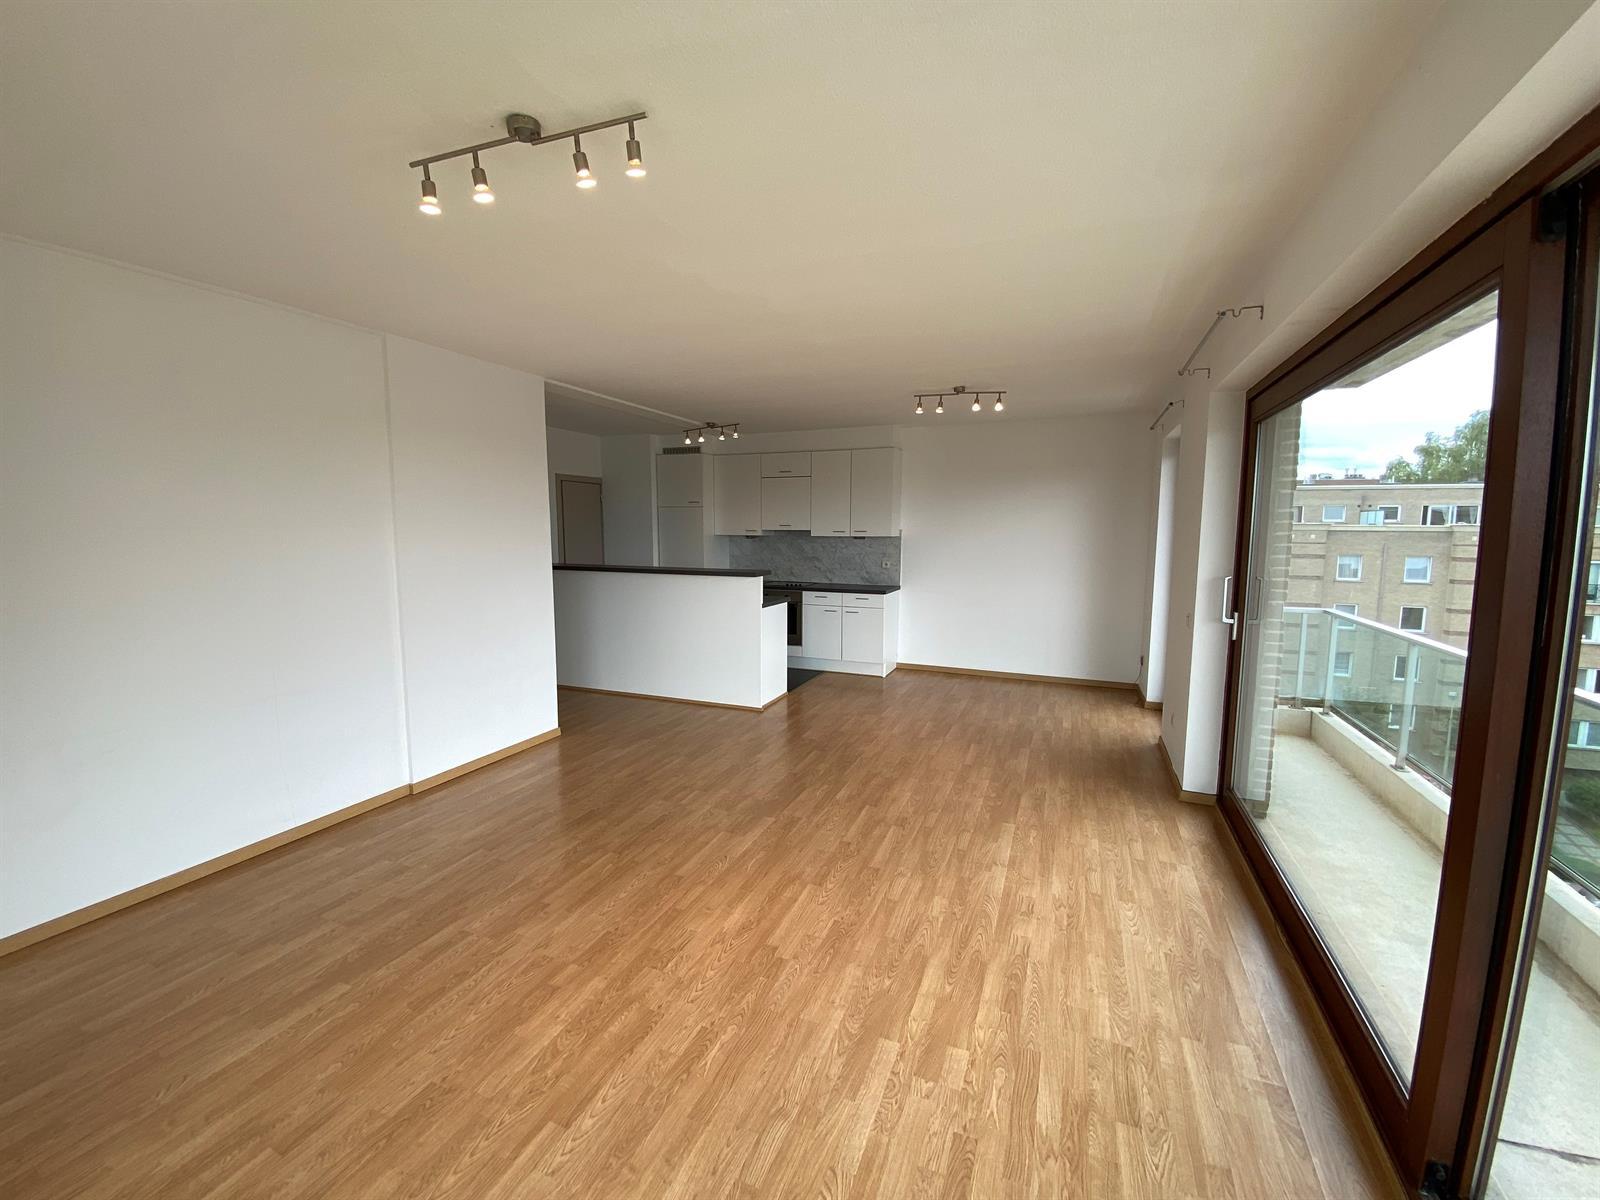 Appartement - Woluwe-Saint-Pierre - #4146297-14